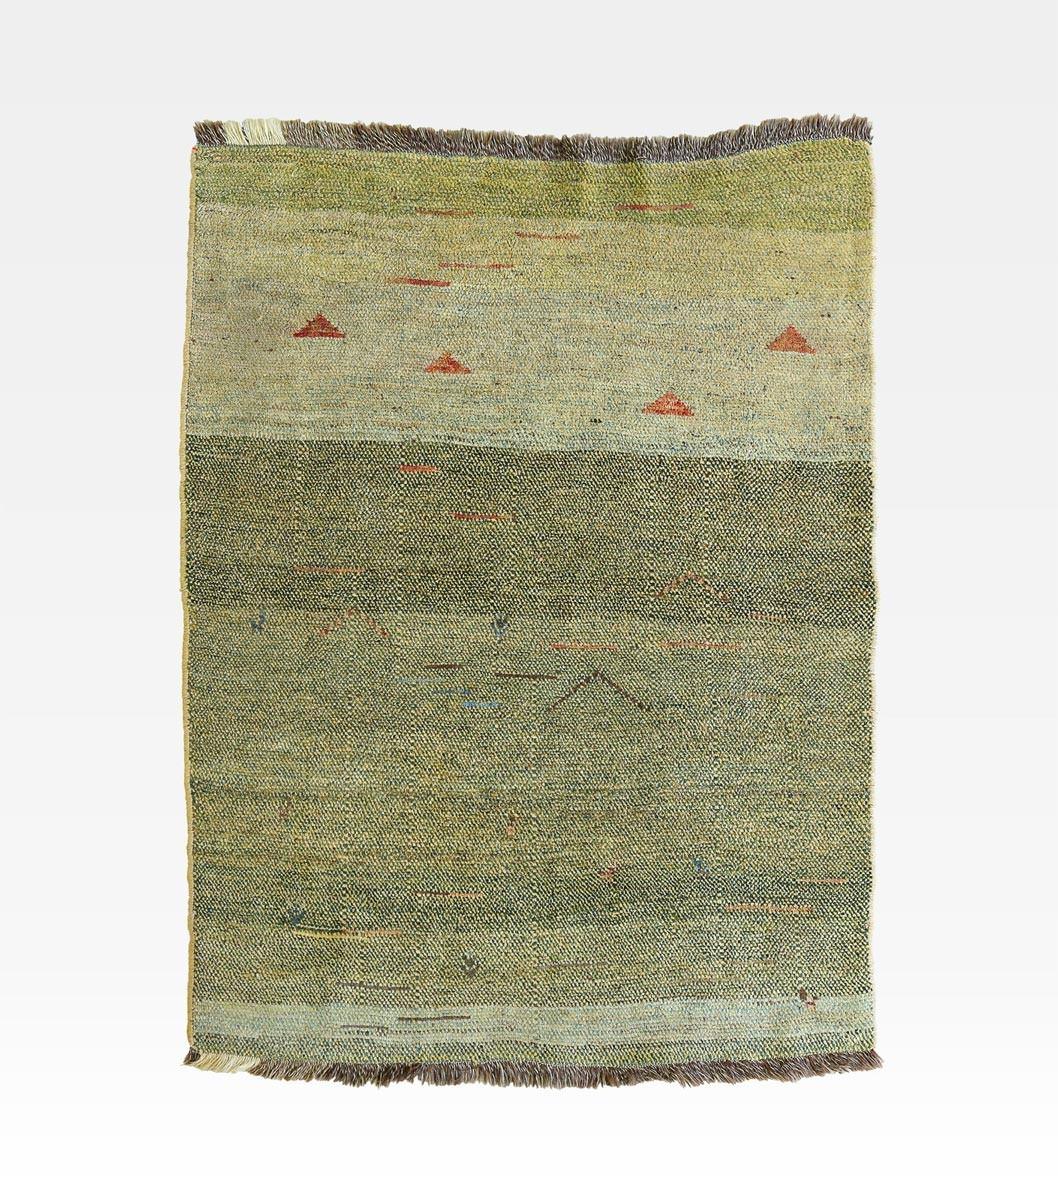 Tappeto iraniano gabbeh verde lana cod 0018 0009 - Valore tappeto persiano ...